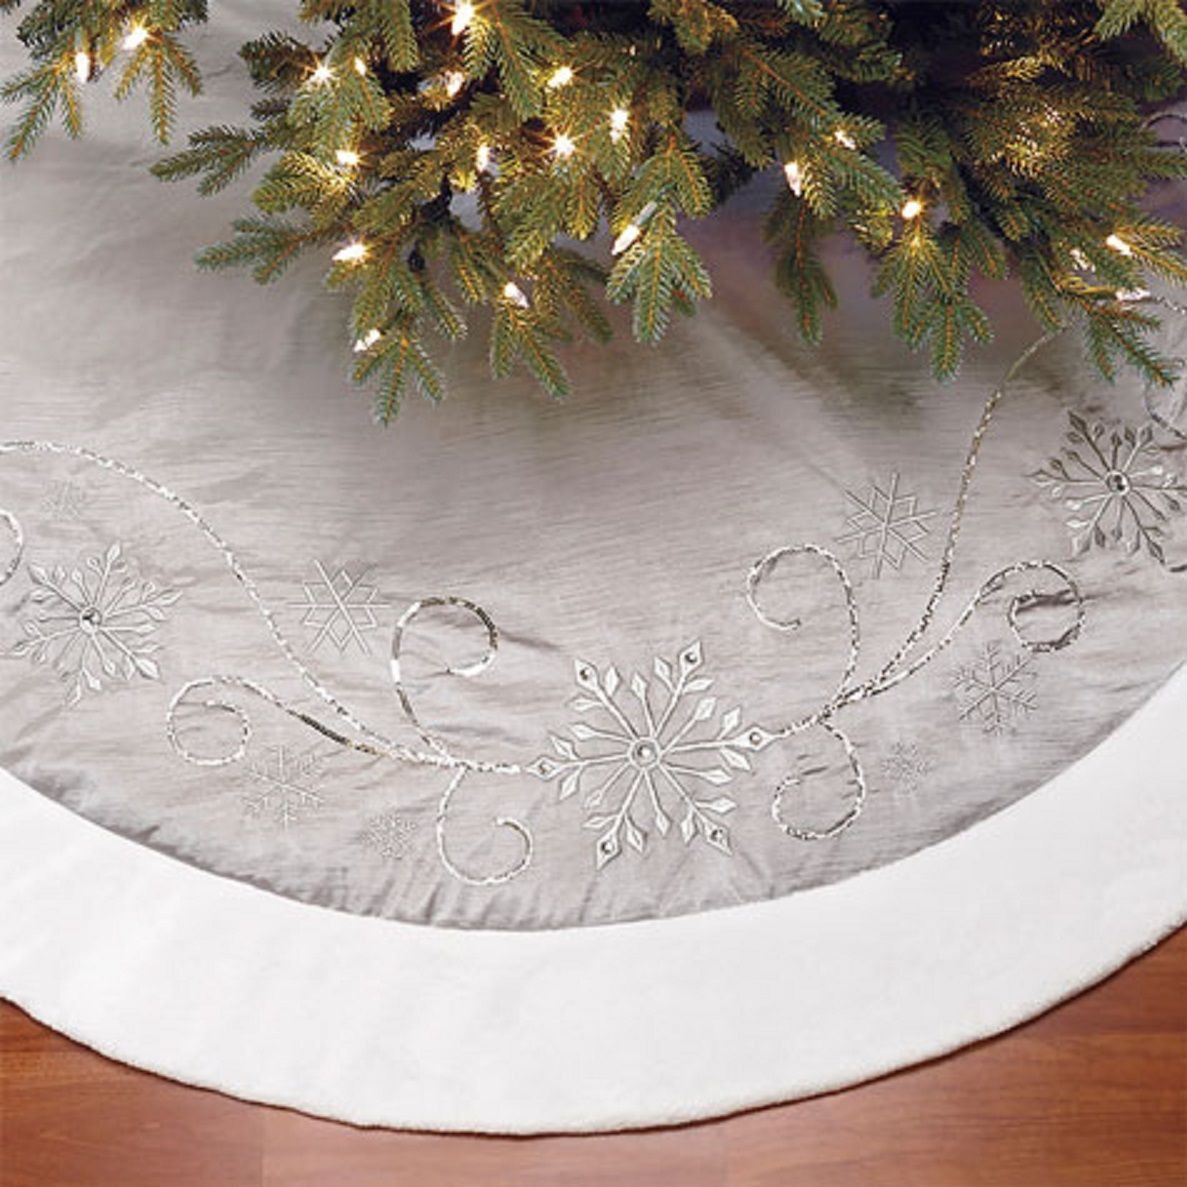 Christmas Tree Skirt Luxury Faux Fur Silver Snowflake 1.6m